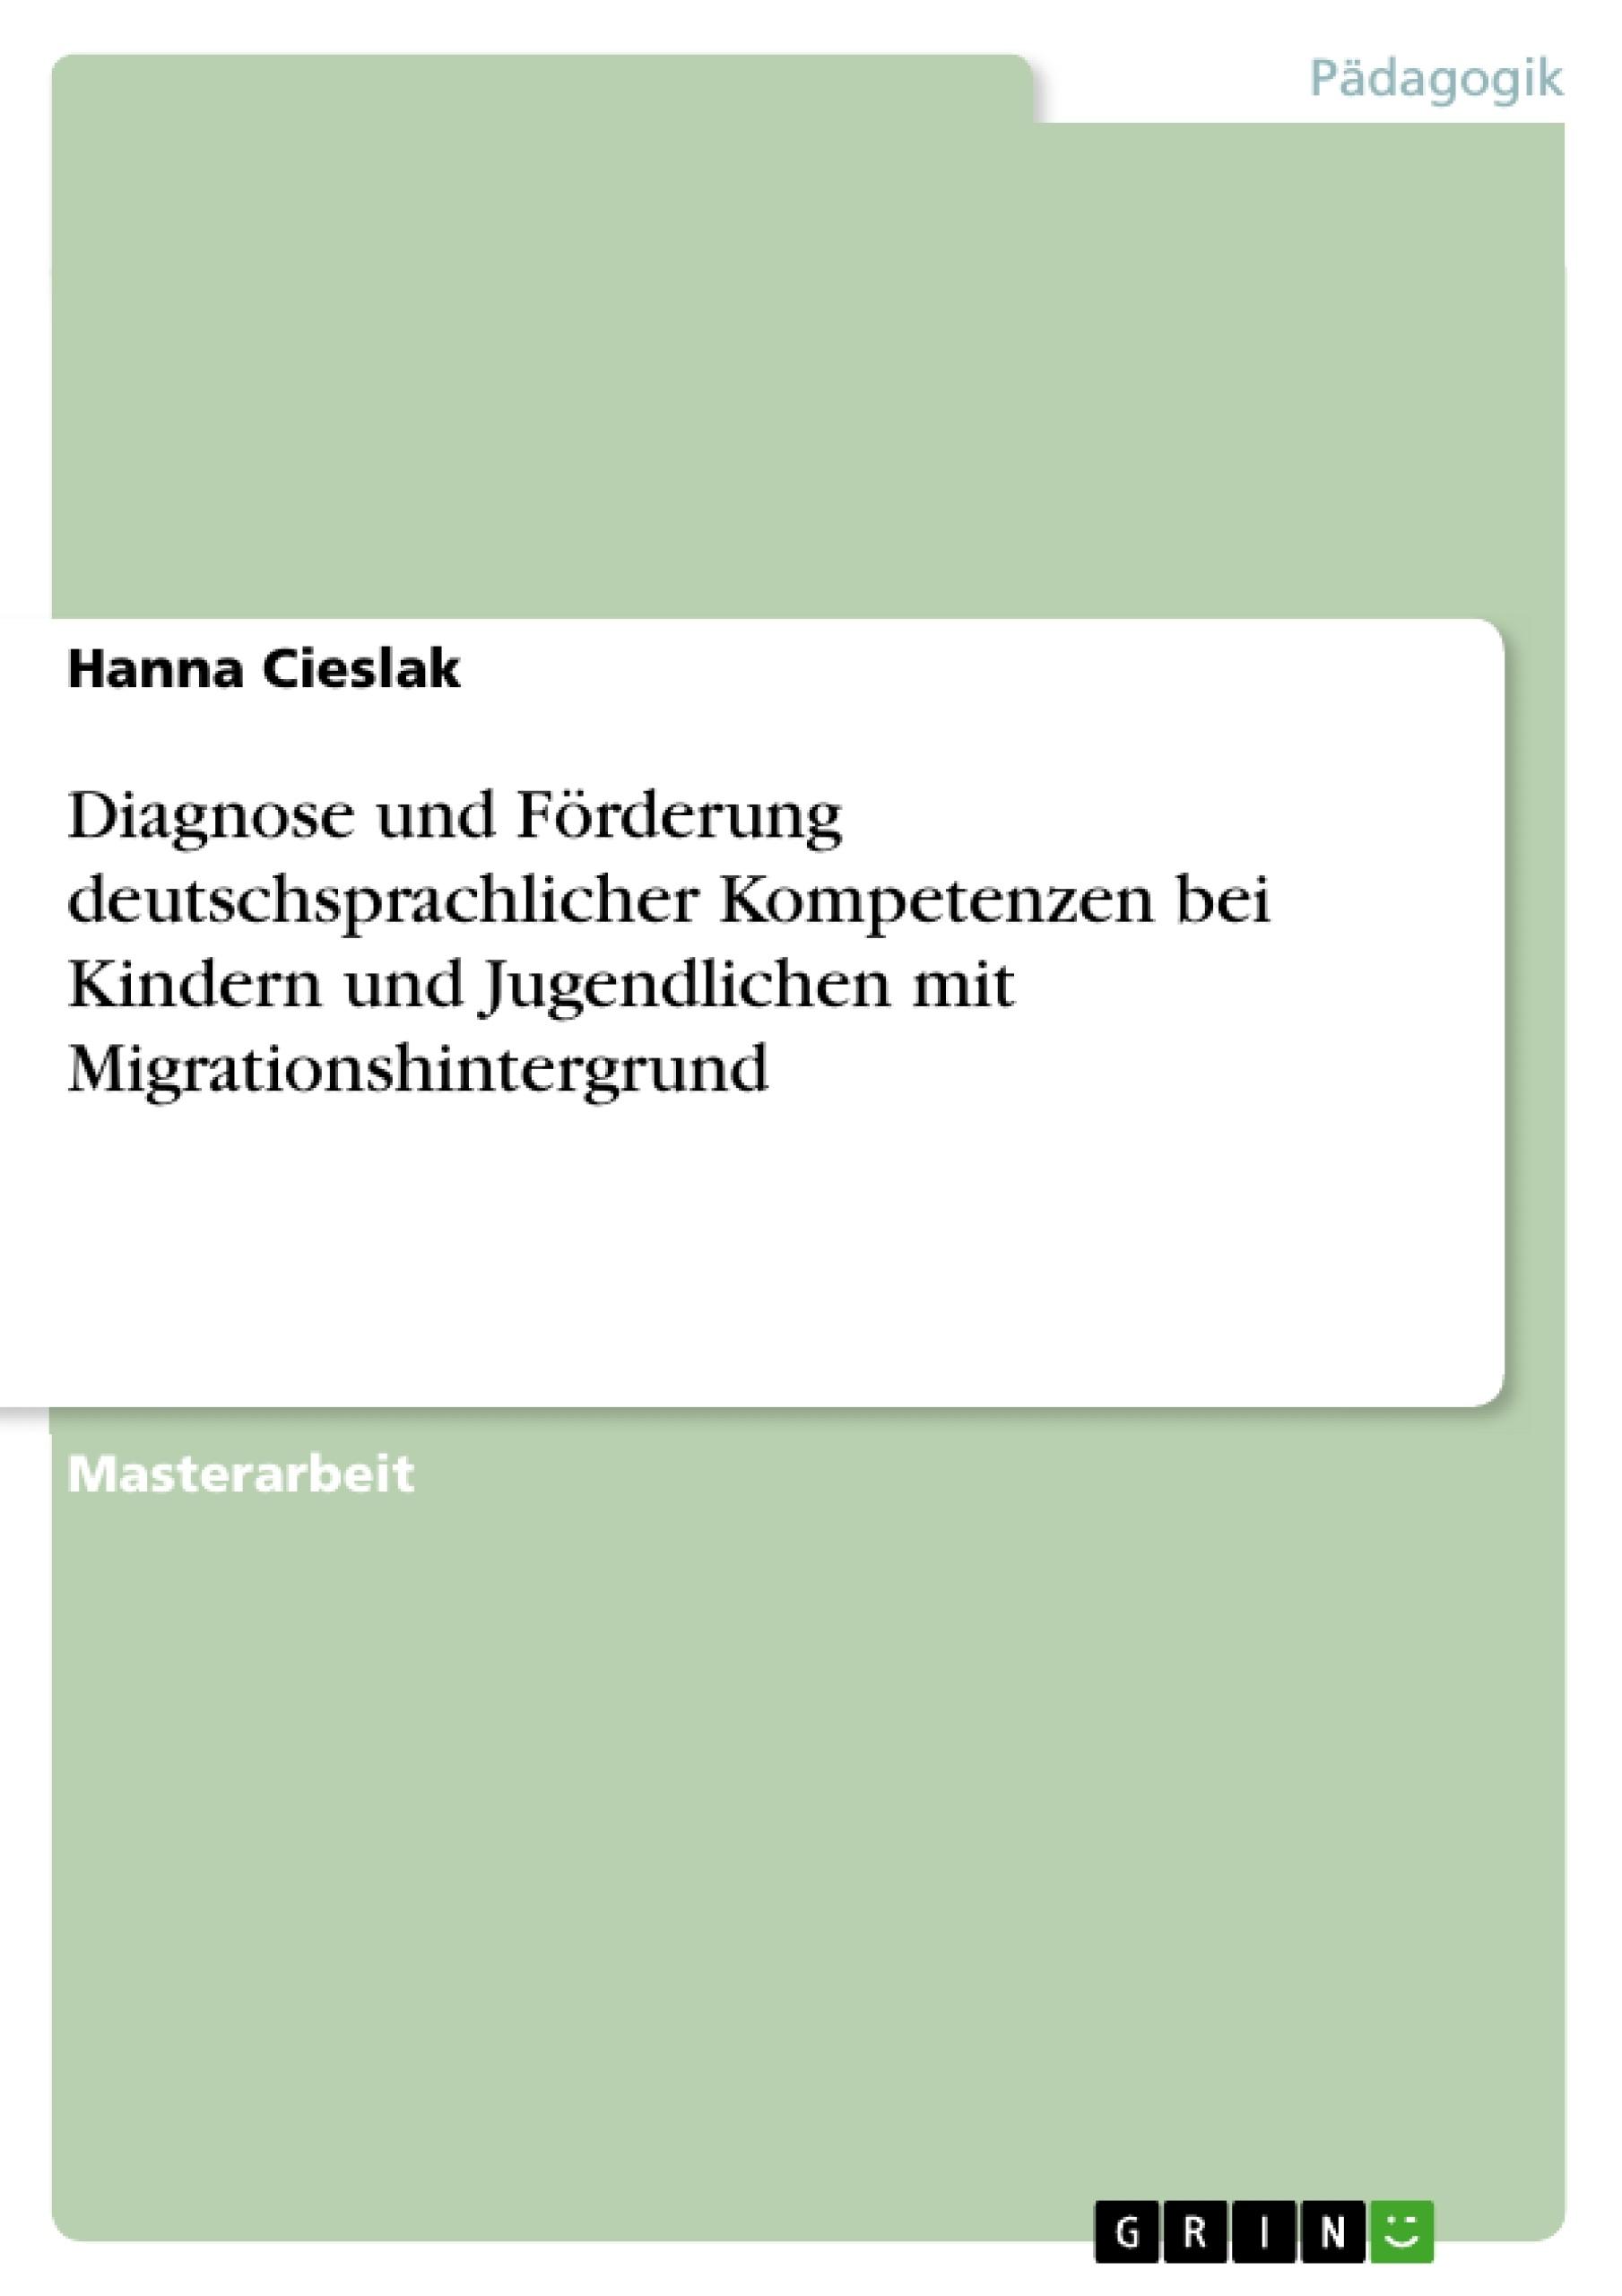 Titel: Diagnose und Förderung  deutschsprachlicher Kompetenzen  bei Kindern und Jugendlichen mit  Migrationshintergrund